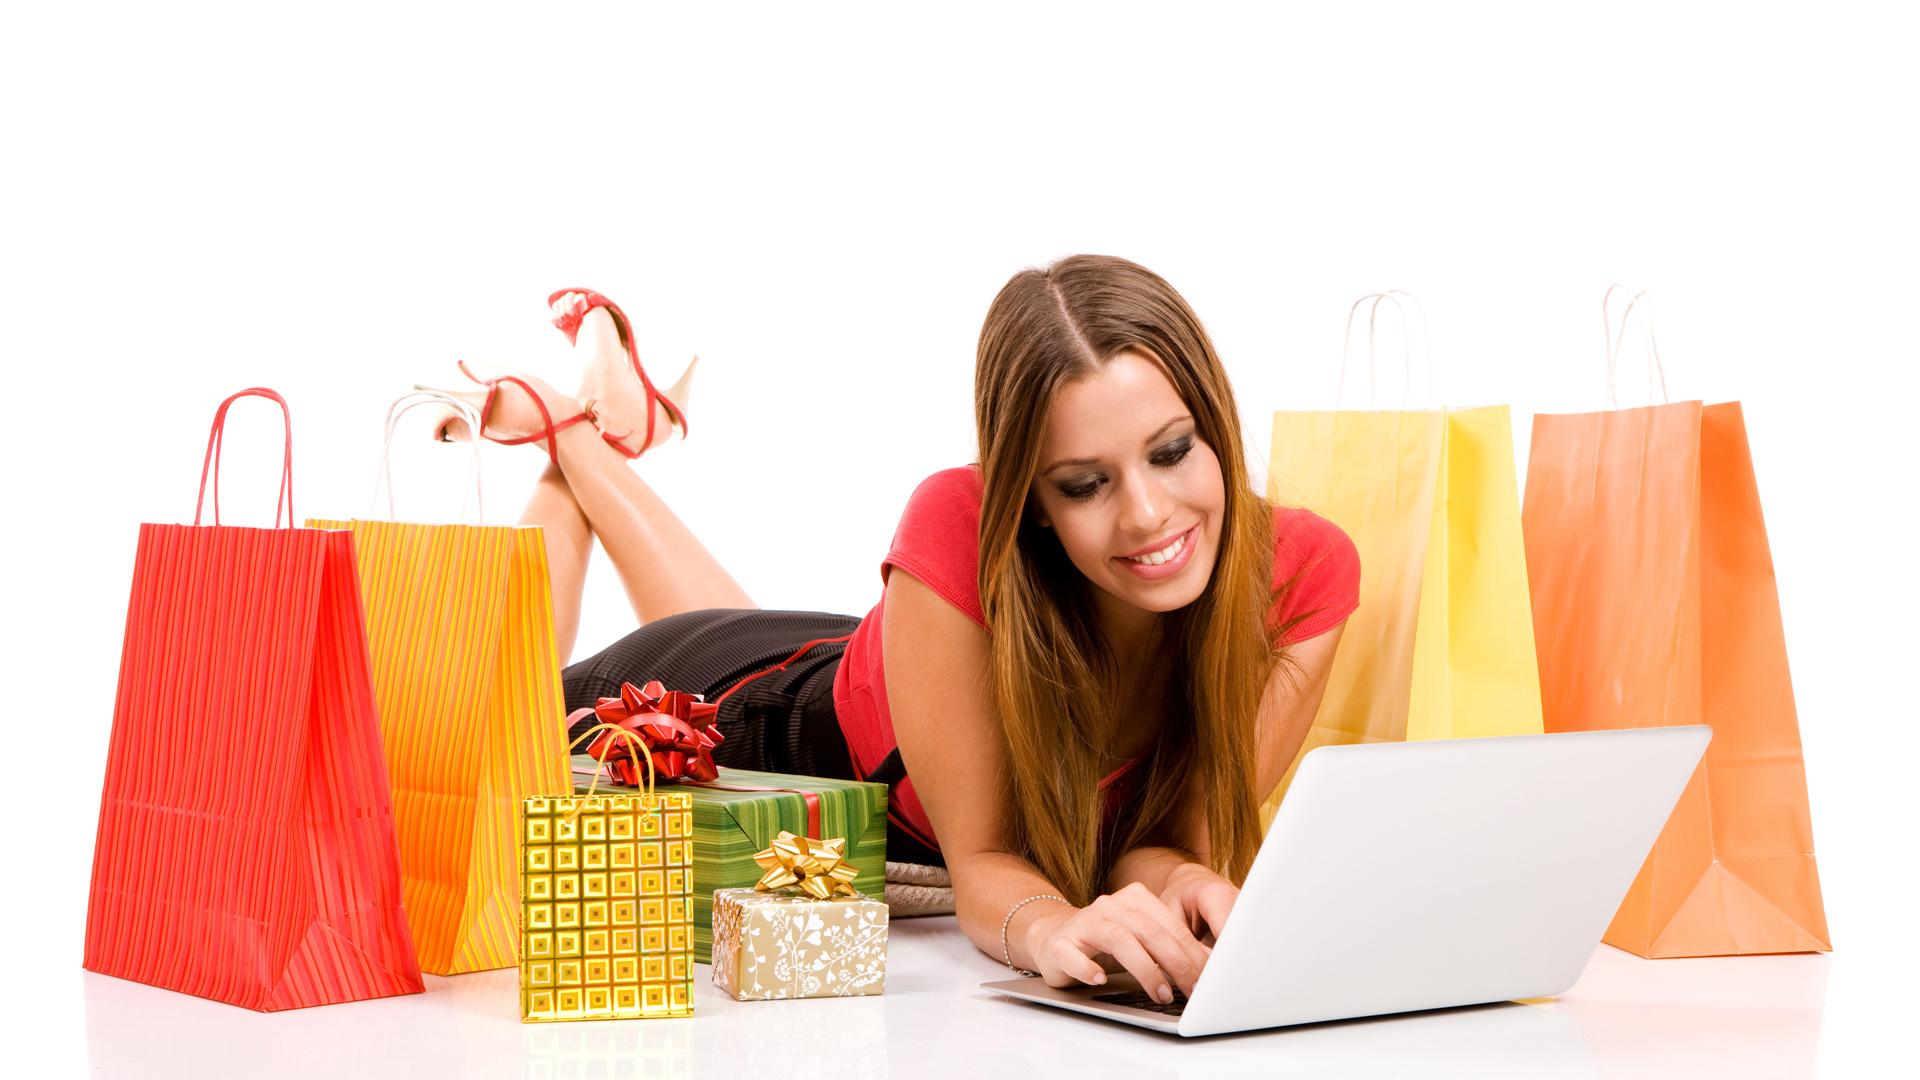 Продажа Дешевой Одежды Через Интернет Доставка